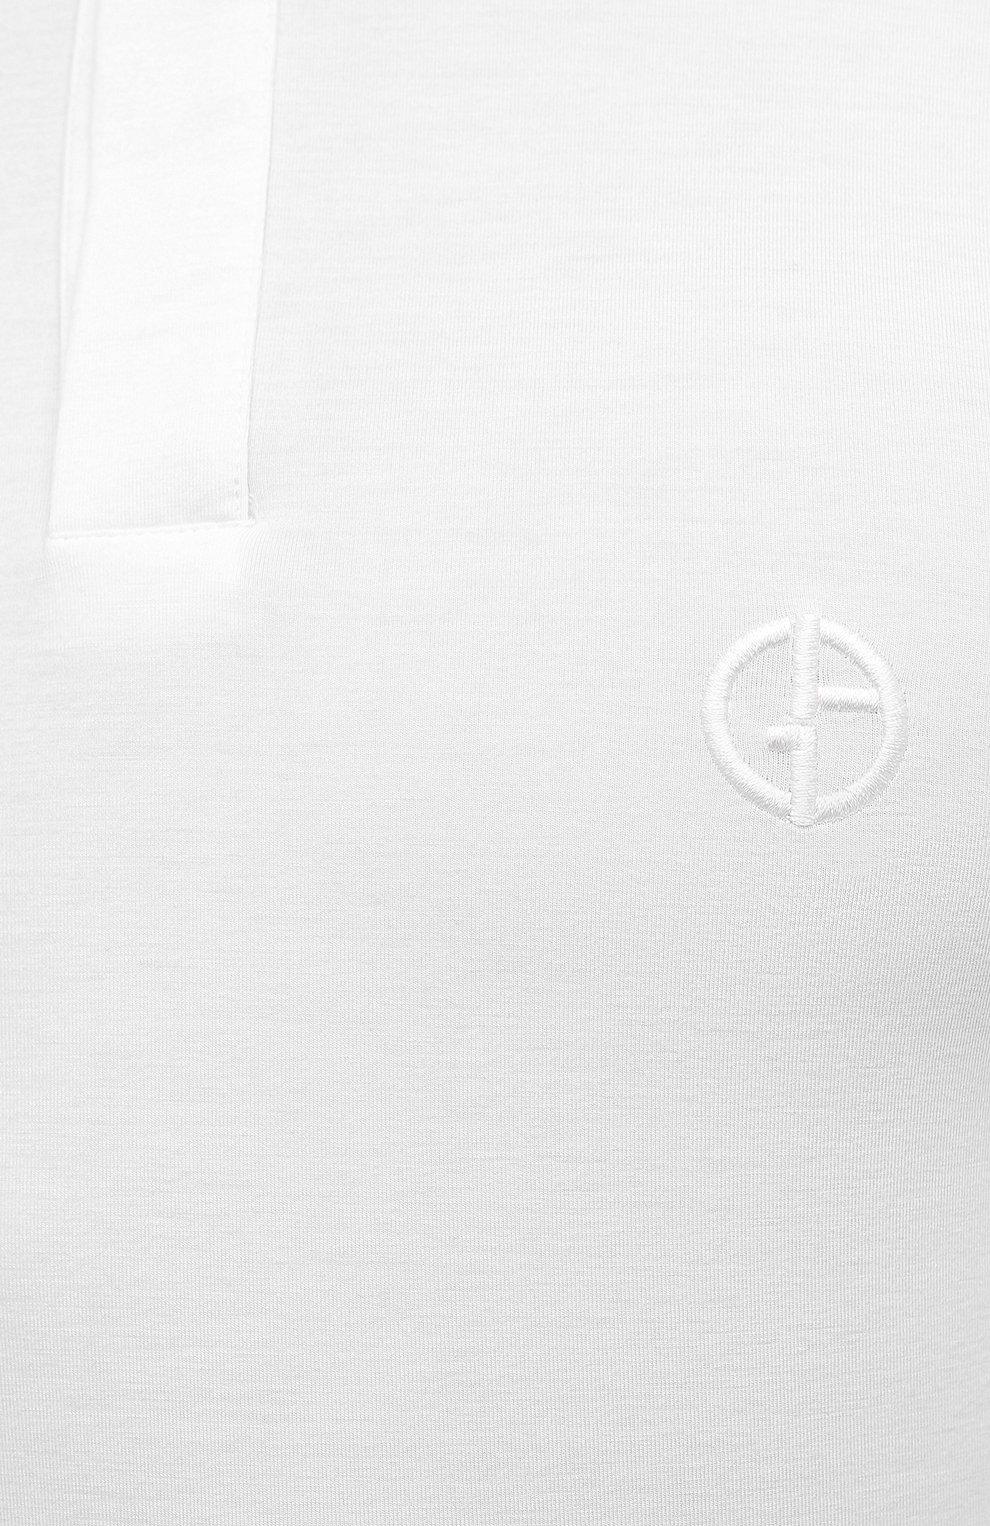 Мужское поло из вискозы GIORGIO ARMANI белого цвета, арт. 3KSF57/SJP4Z   Фото 5 (Застежка: Пуговицы; Рукава: Короткие; Длина (для топов): Стандартные; Материал внешний: Вискоза; Стили: Кэжуэл)